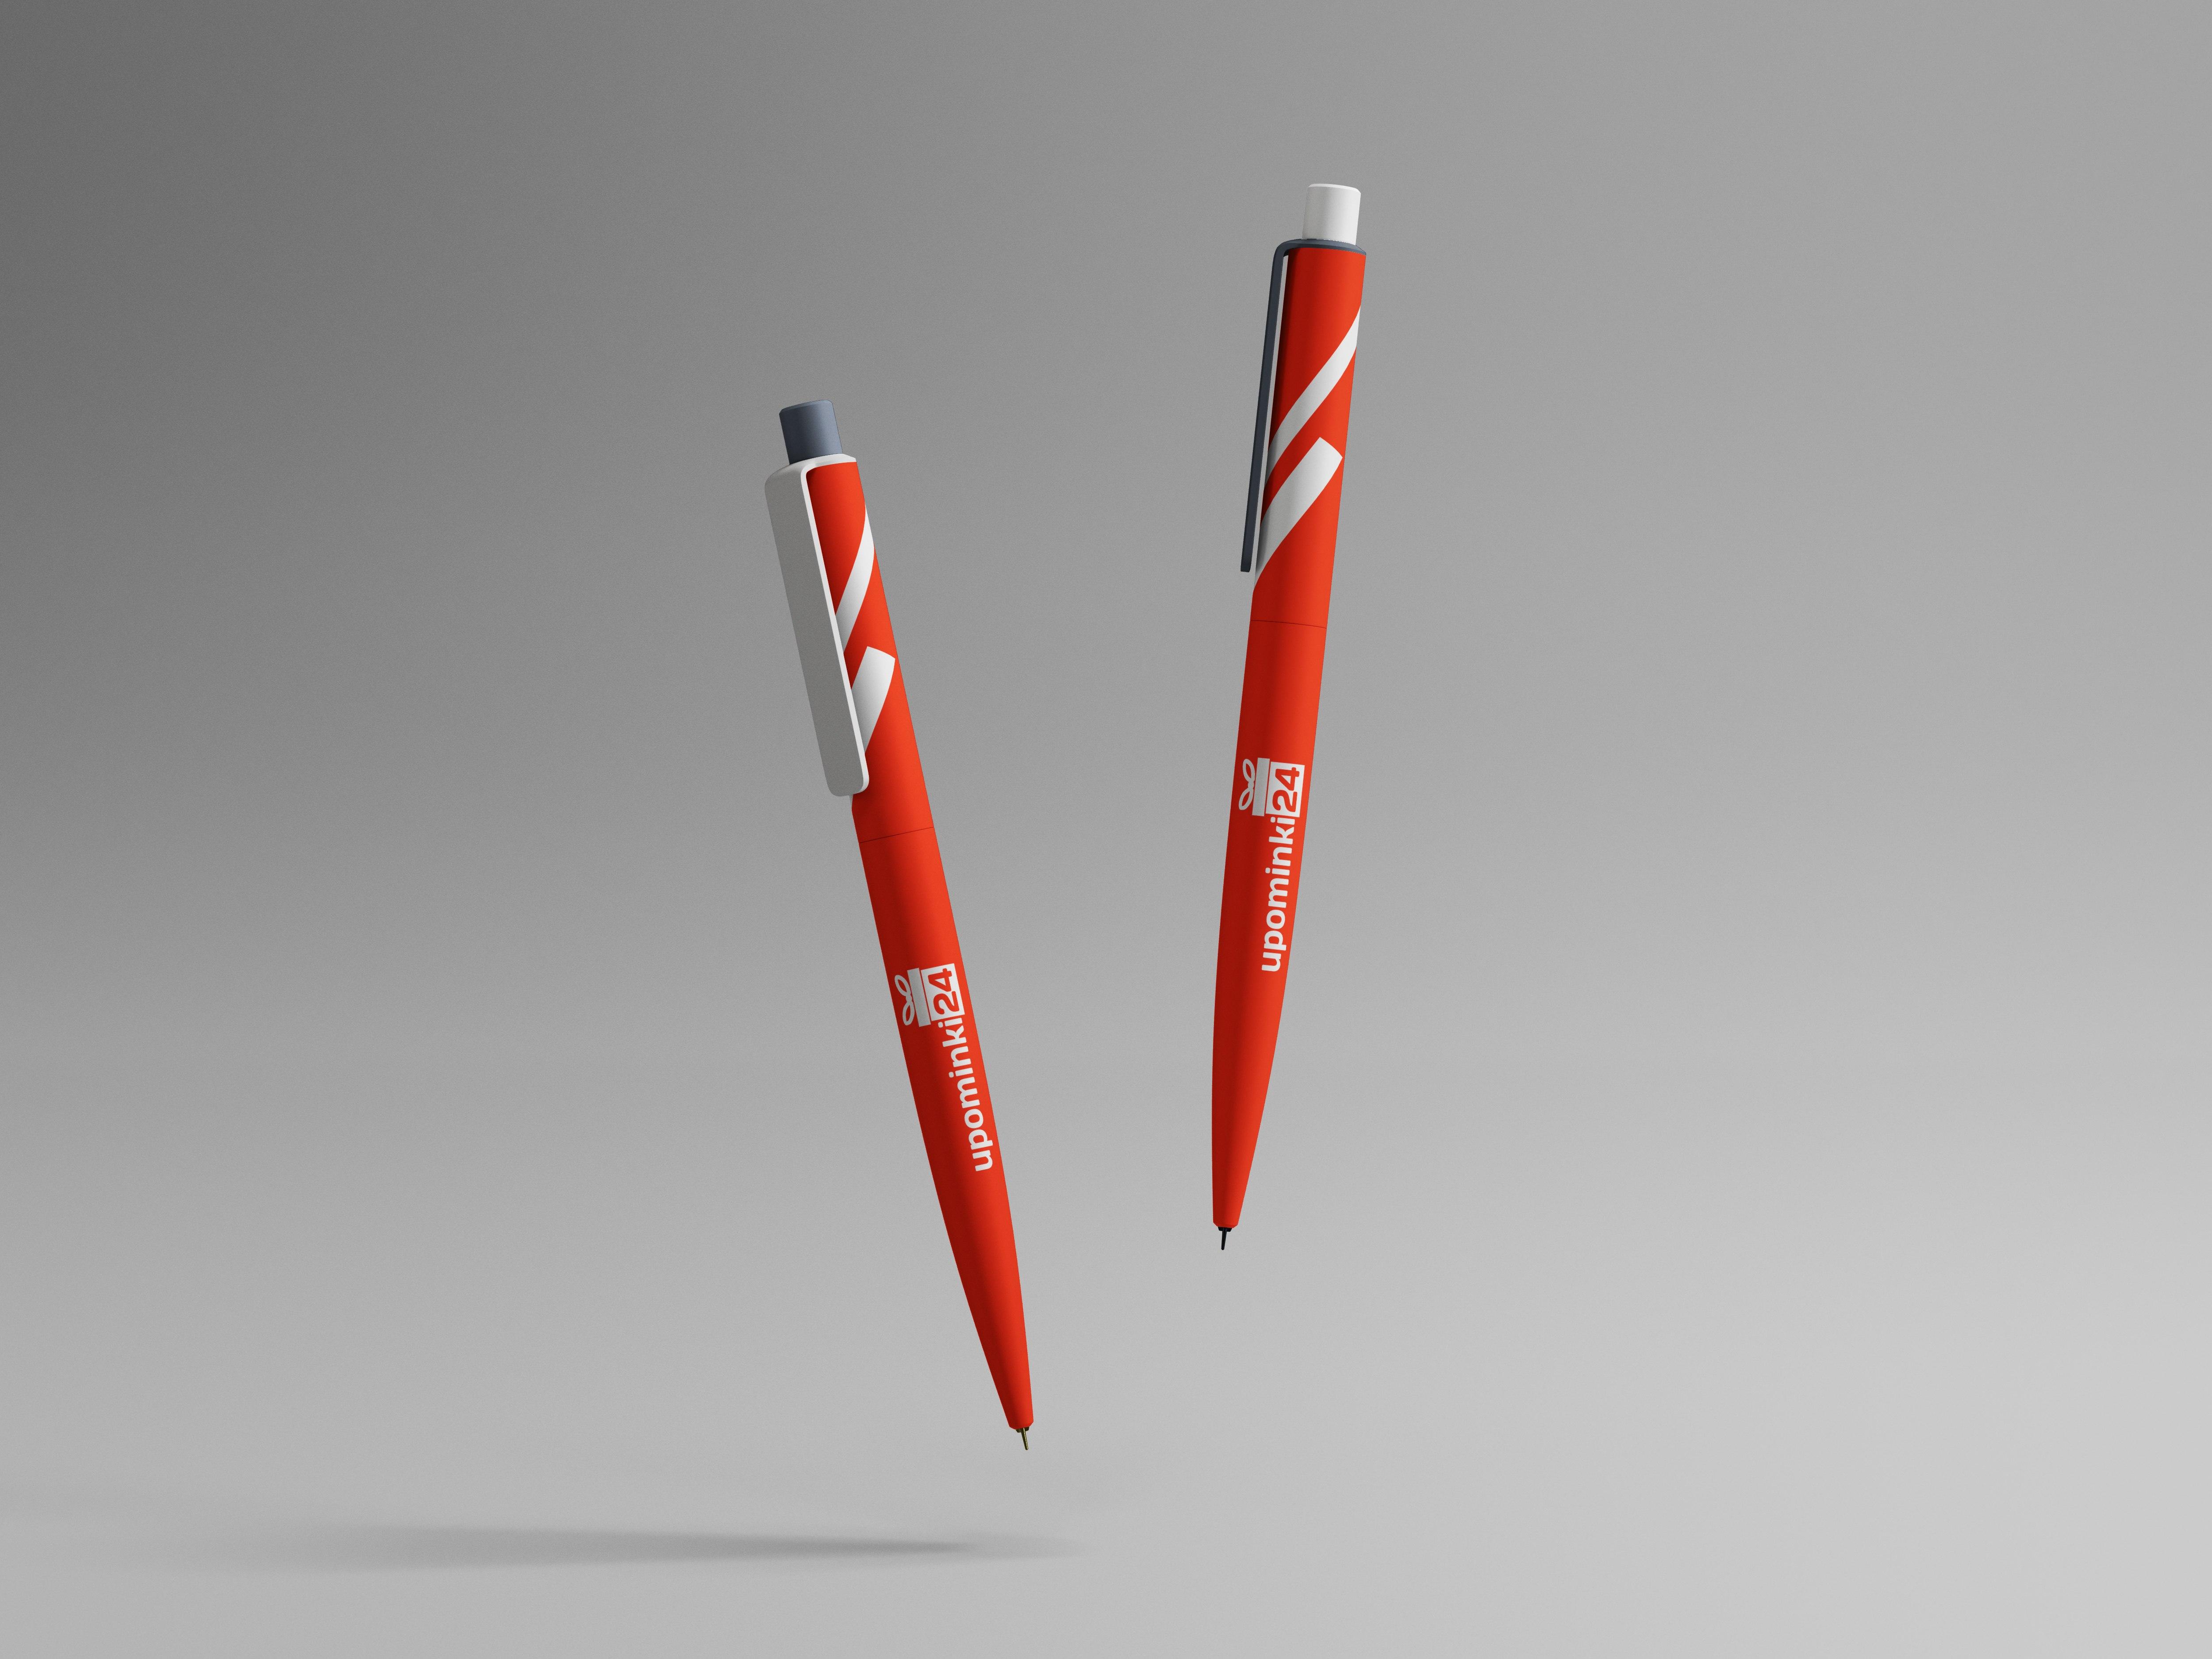 długopisy z logiem